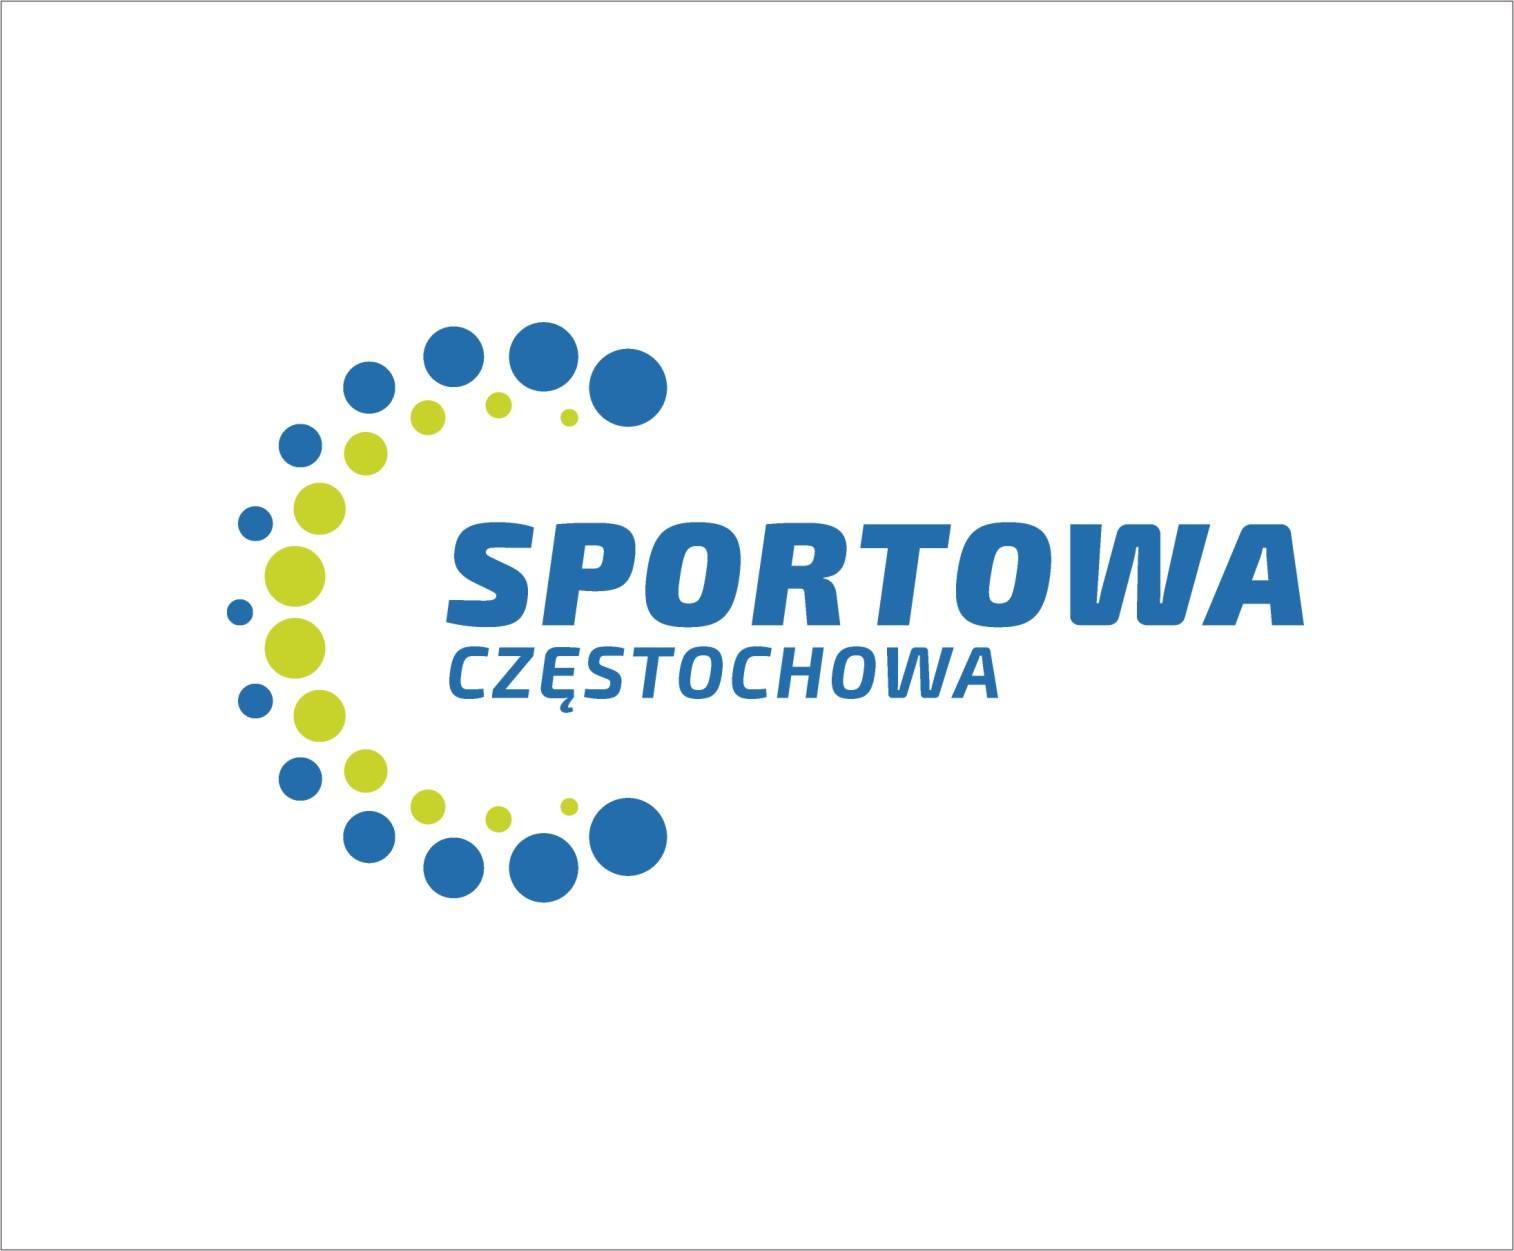 Stowarzyszenie Sportowa Częstochowa